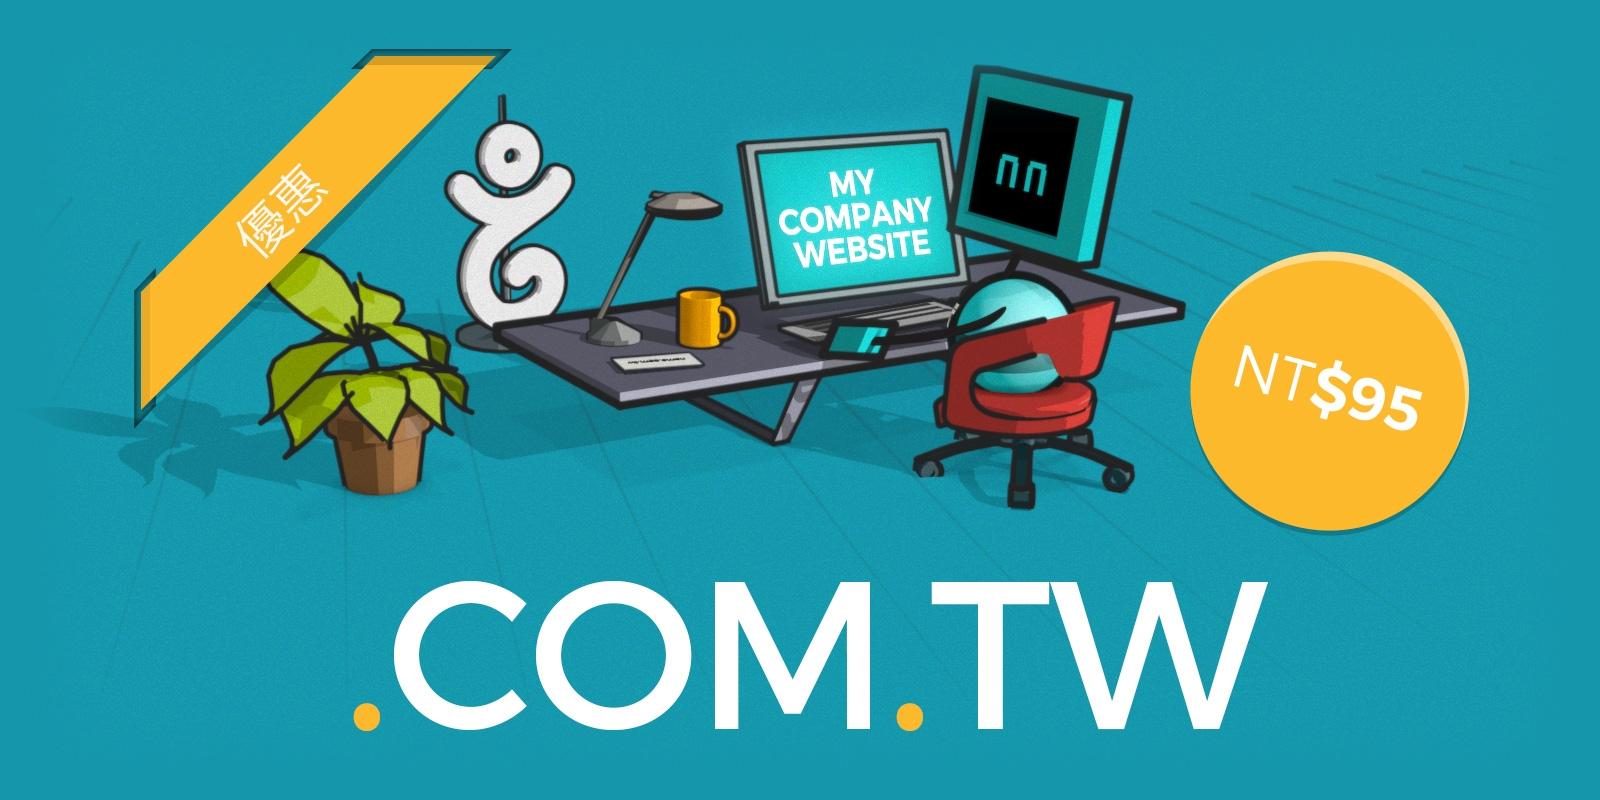 在 Gandi 為您的公司註冊一個 .com.tw 域名只要 NT$95